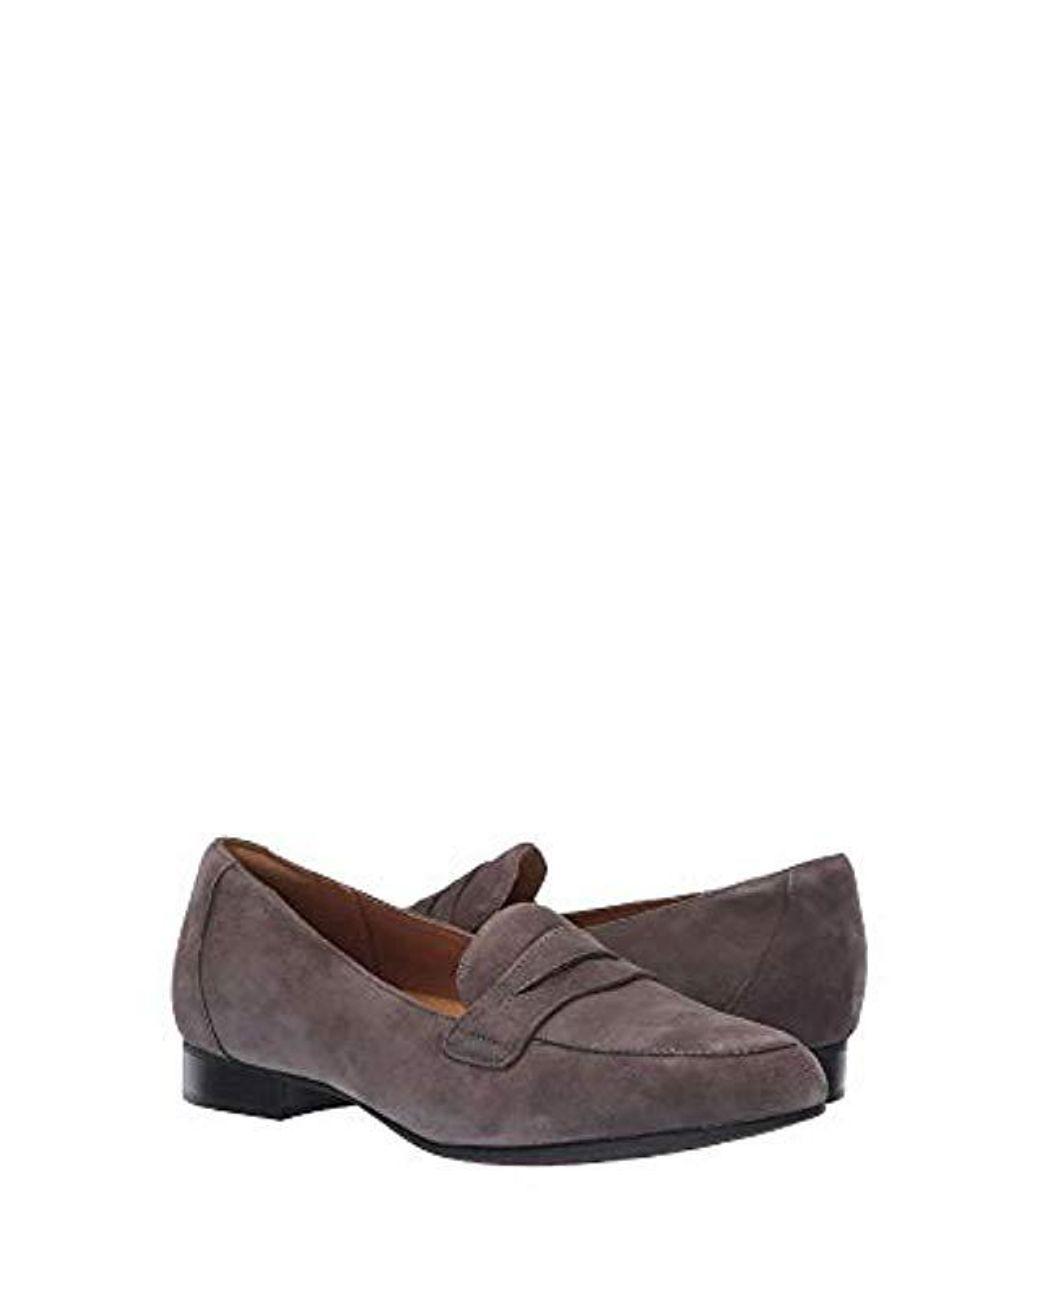 repentino Sofisticado bordillo  Mocasines para Mujer Clarks Un Darcey Way Zapatos y complementos Oxford y  blucher